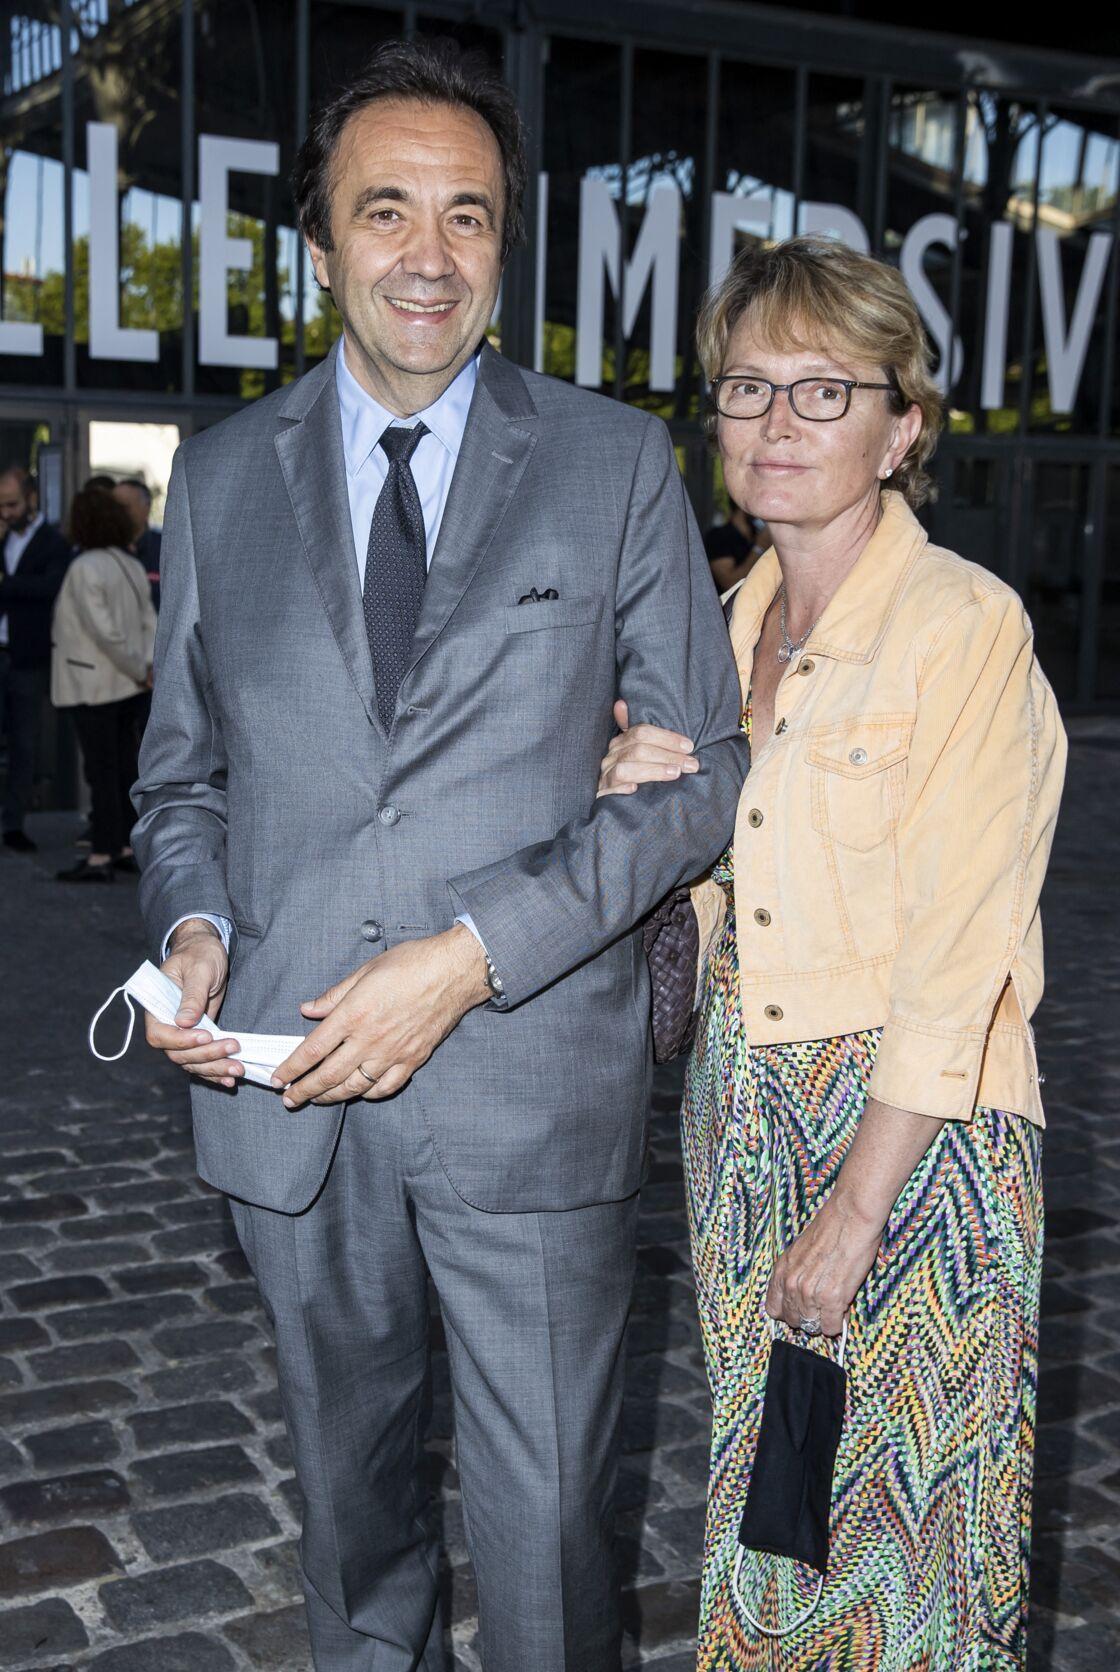 Claude Chirac et son mari Frédéric Salat-Baroux, à la Villette à Paris, le 22 juin 2020.